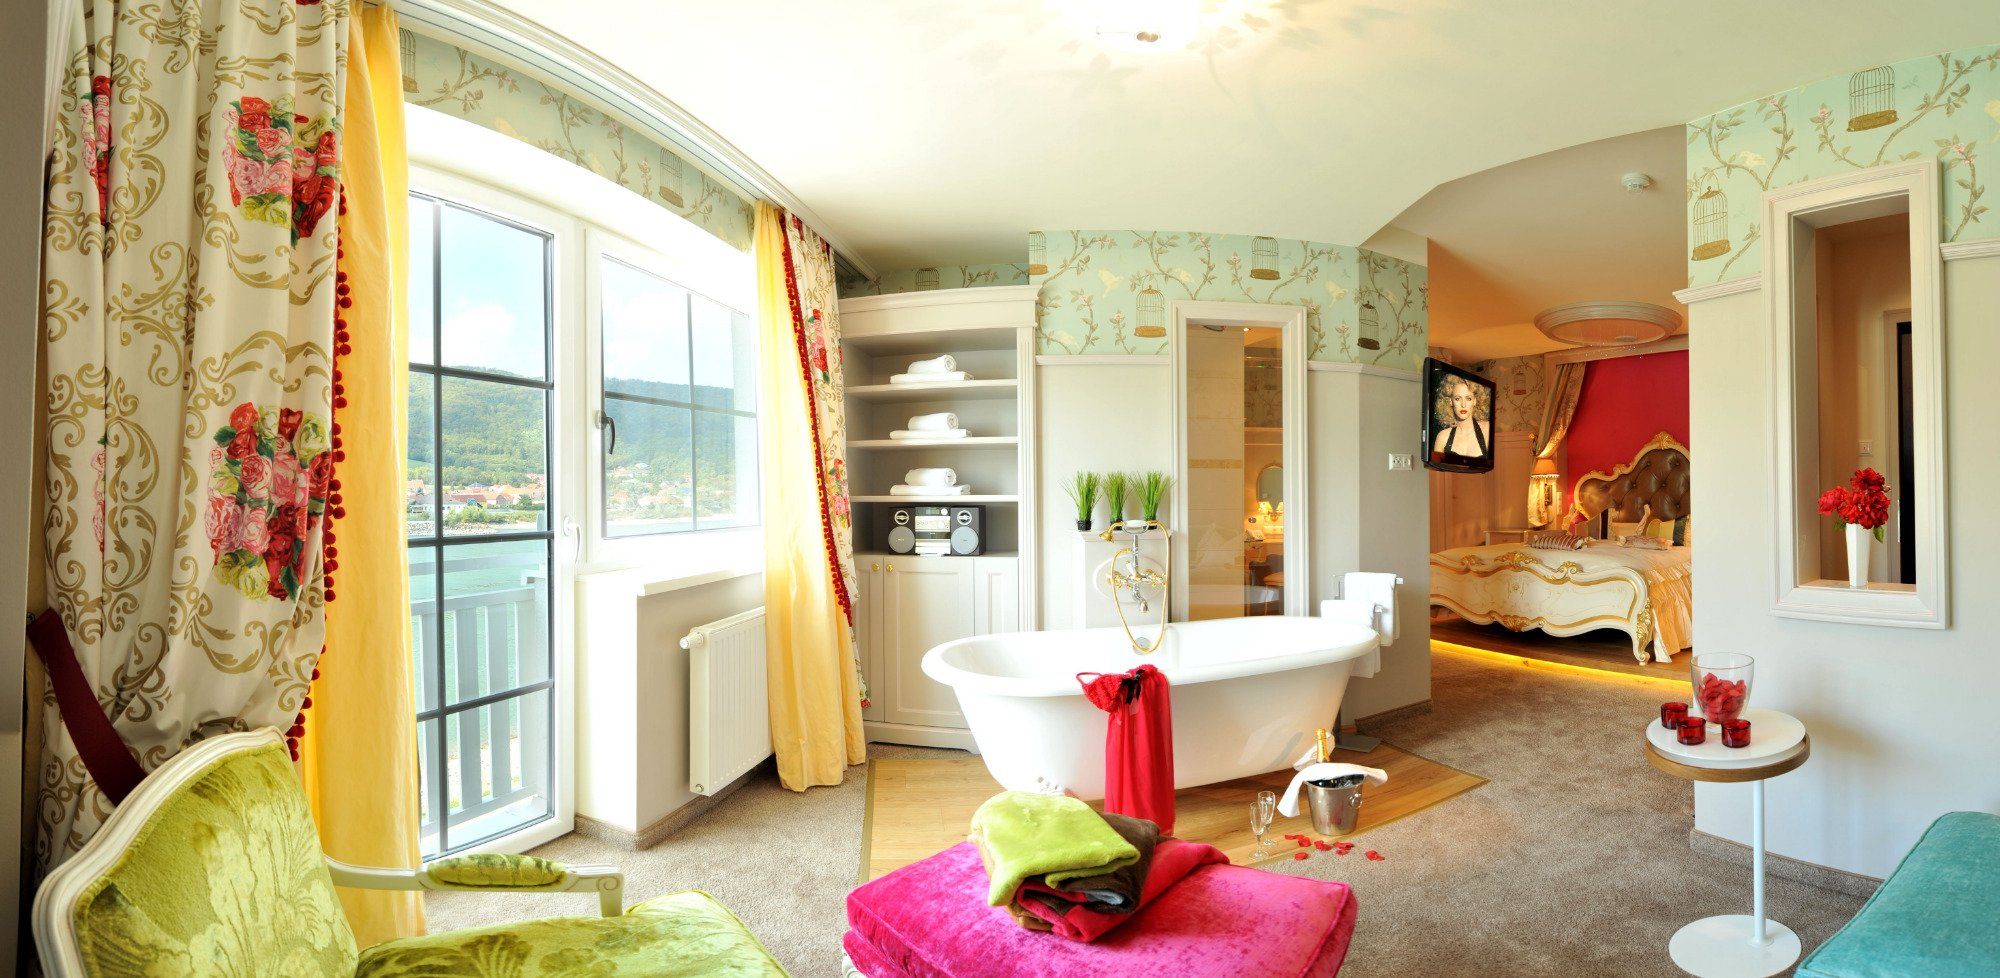 Residenz-Wachau